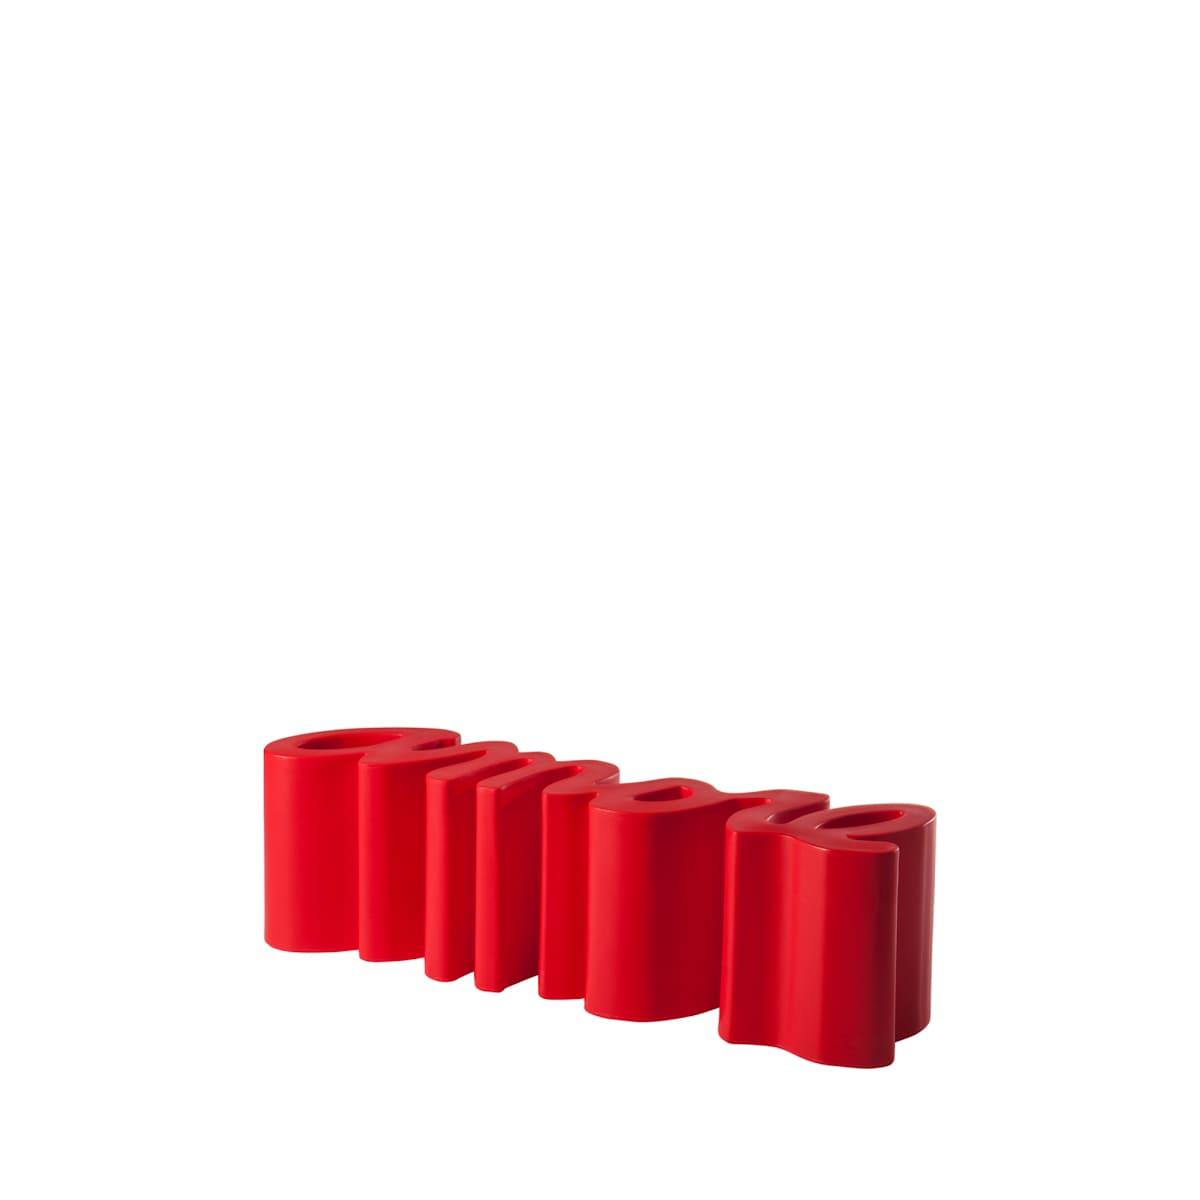 gartenbank modern rote sitzbank garten terrasse - Ausgefallene Designer Bank für den Garten